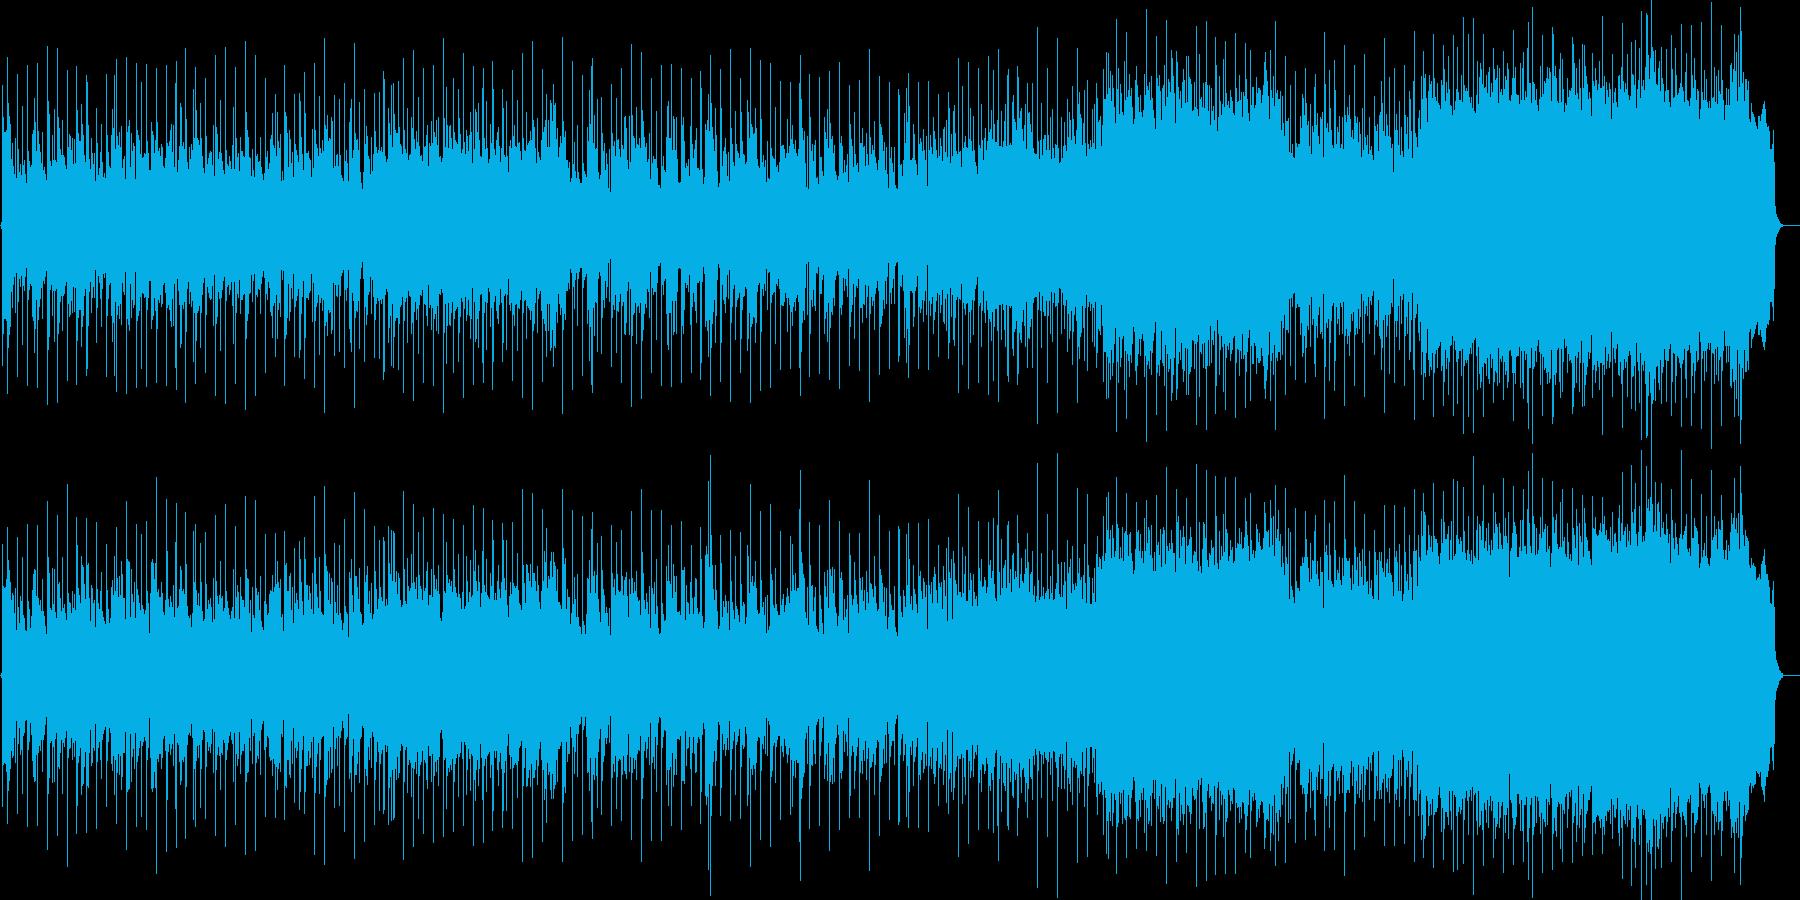 気だるい90'sオルタナカントリーロックの再生済みの波形